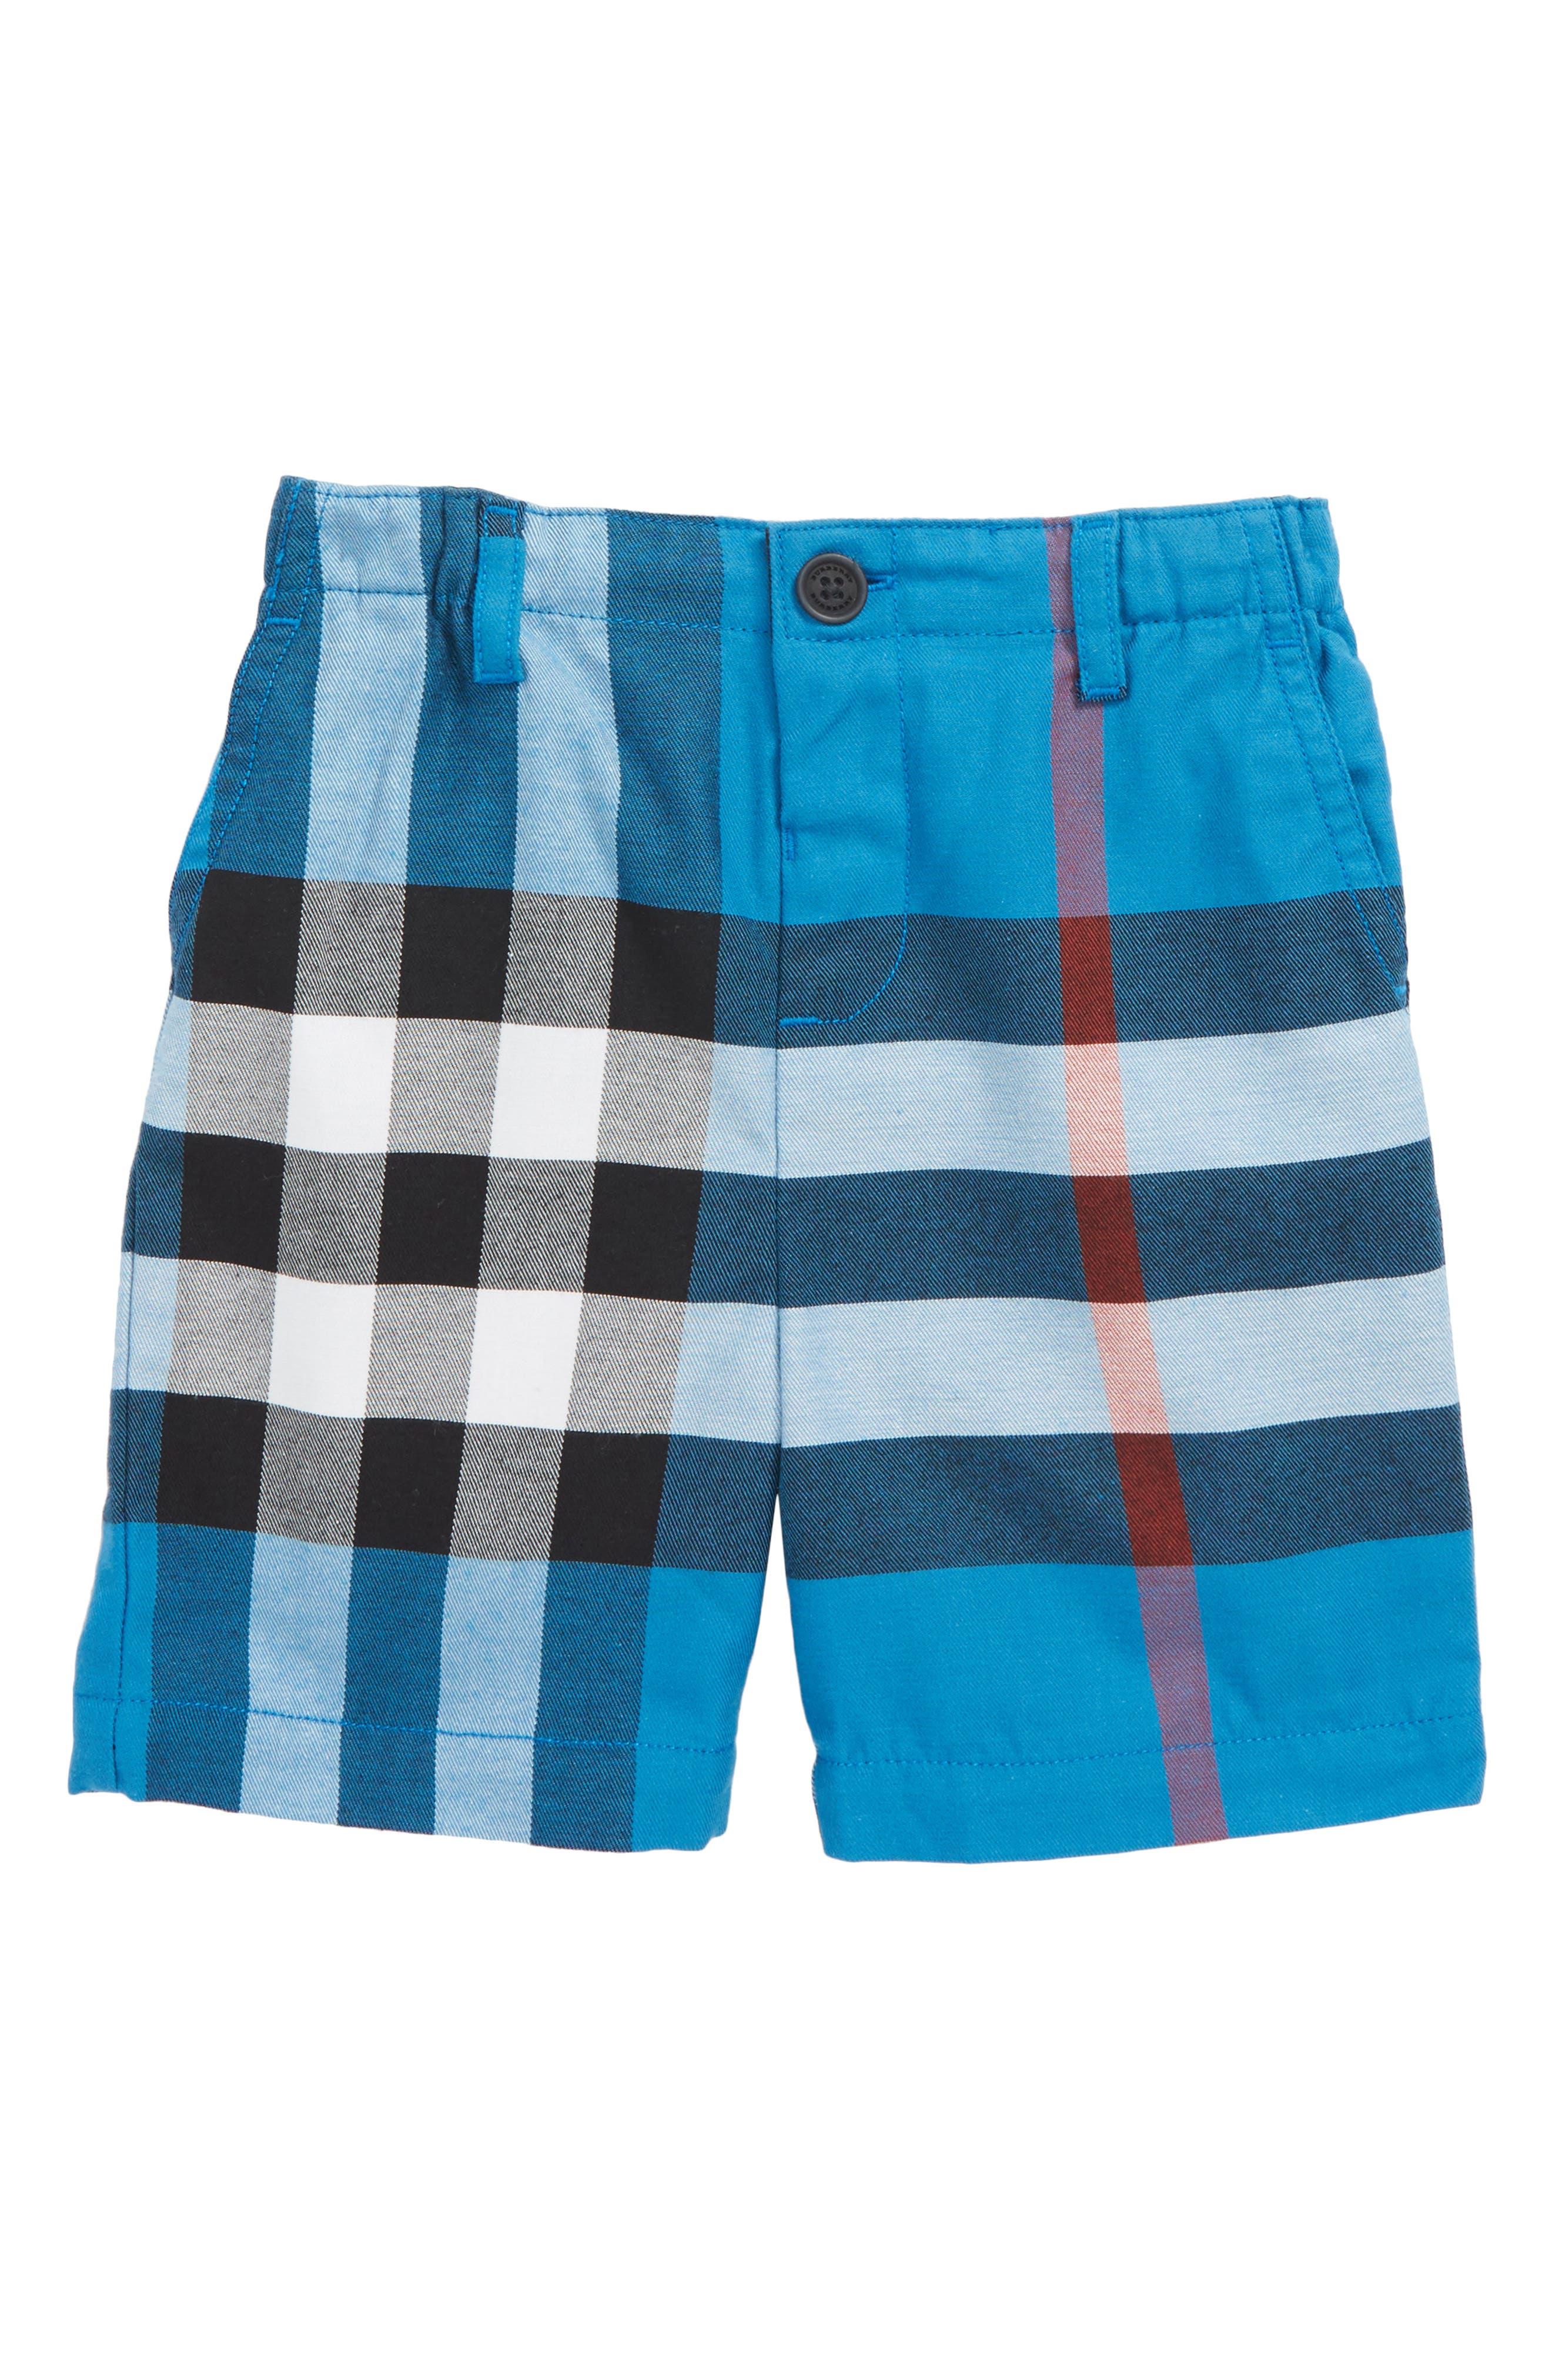 Sean Check Print Shorts,                         Main,                         color, 420